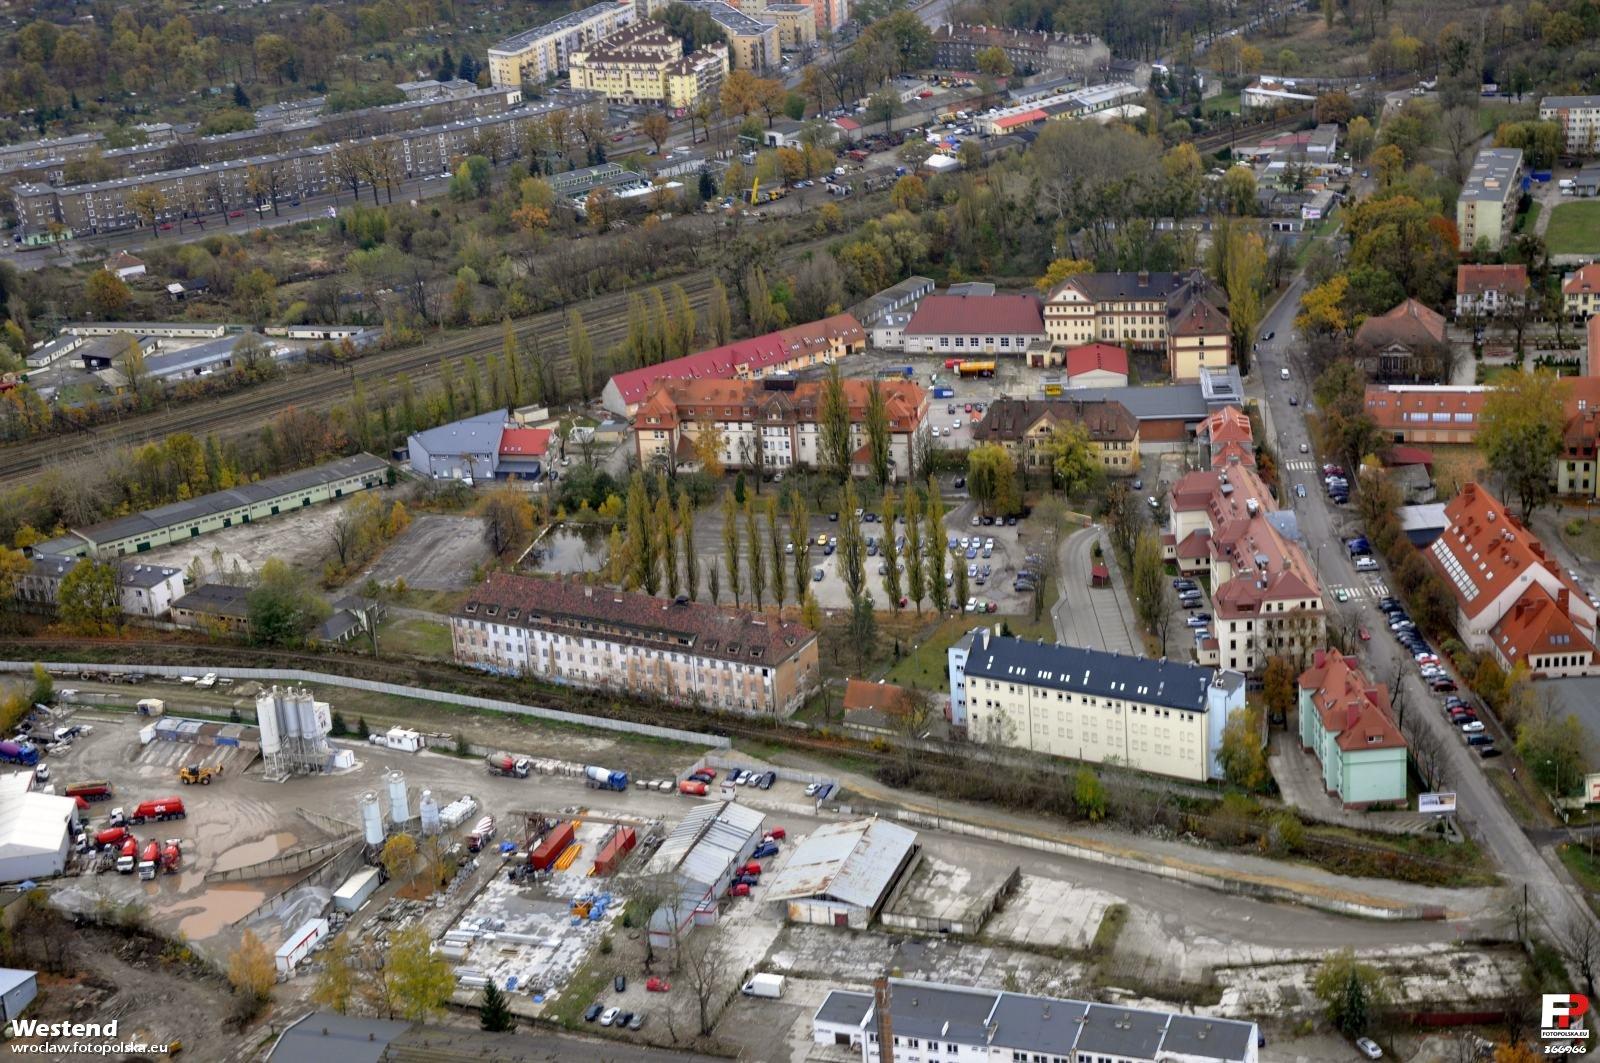 Zdjecia_lotnicze_-_Karlowice_366966_Fotopolska-Eu